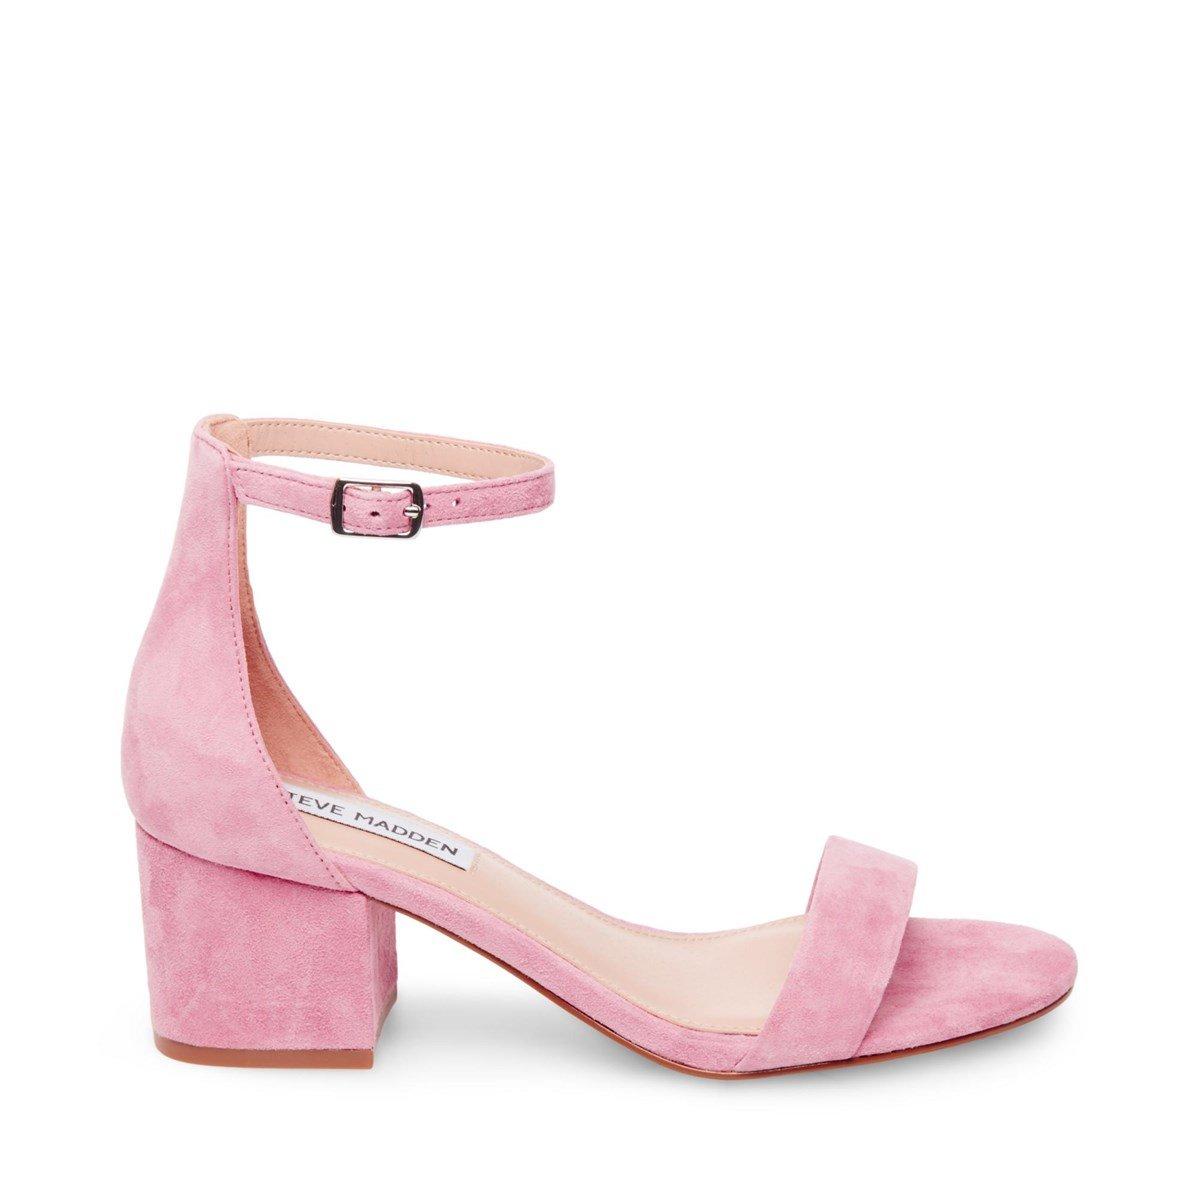 Sandale Ouverte à Talon Bas Irenee  Amazon.fr  Chaussures et Sacs 4b0cb3d7f8b6